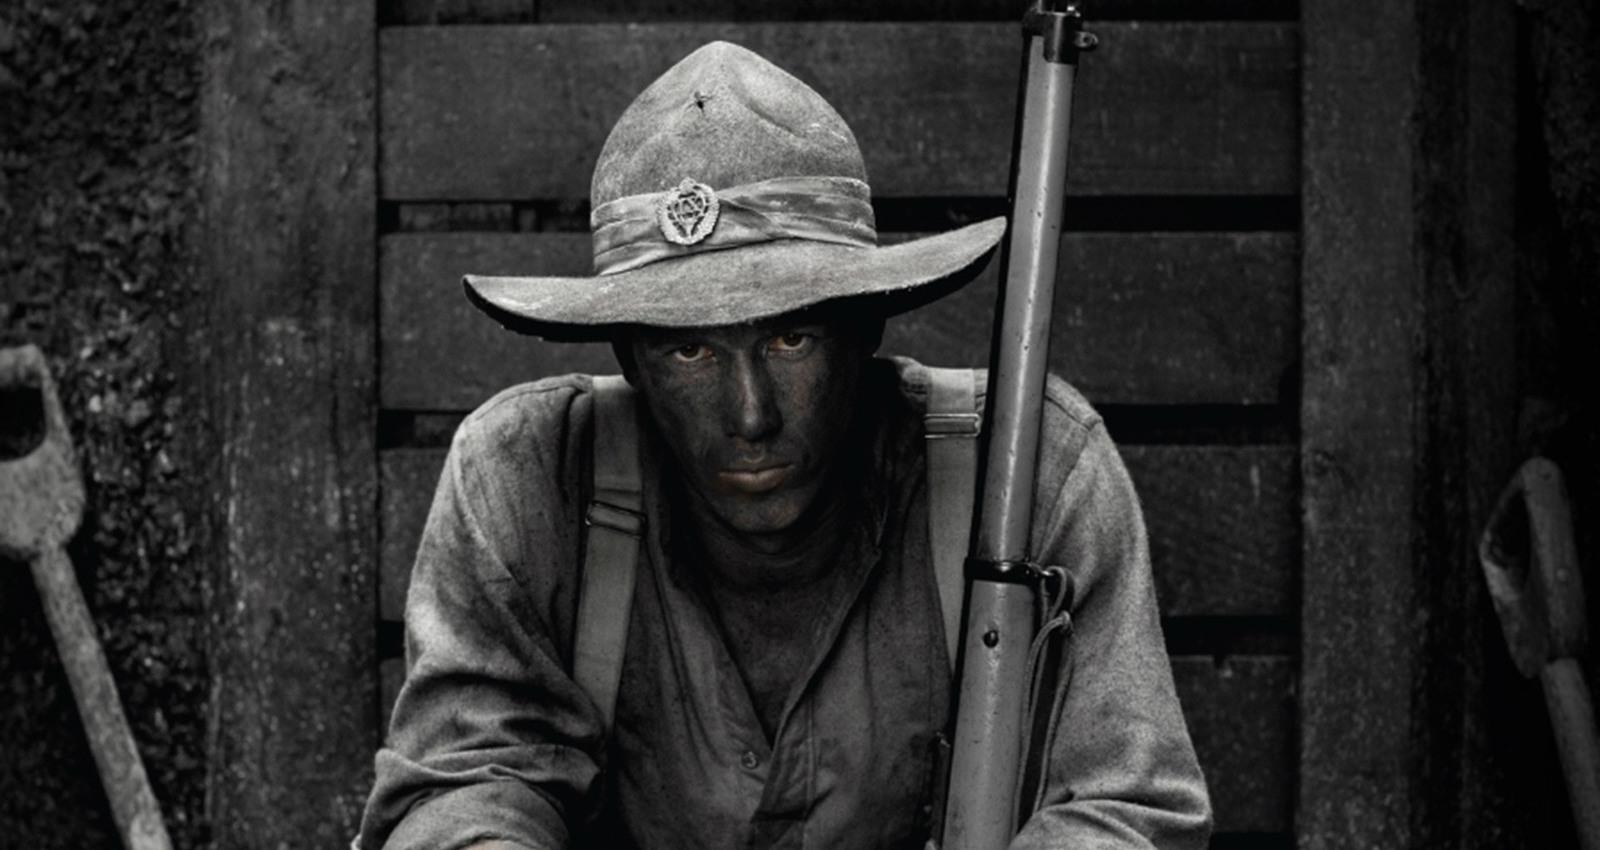 Unforgotten Soldiers